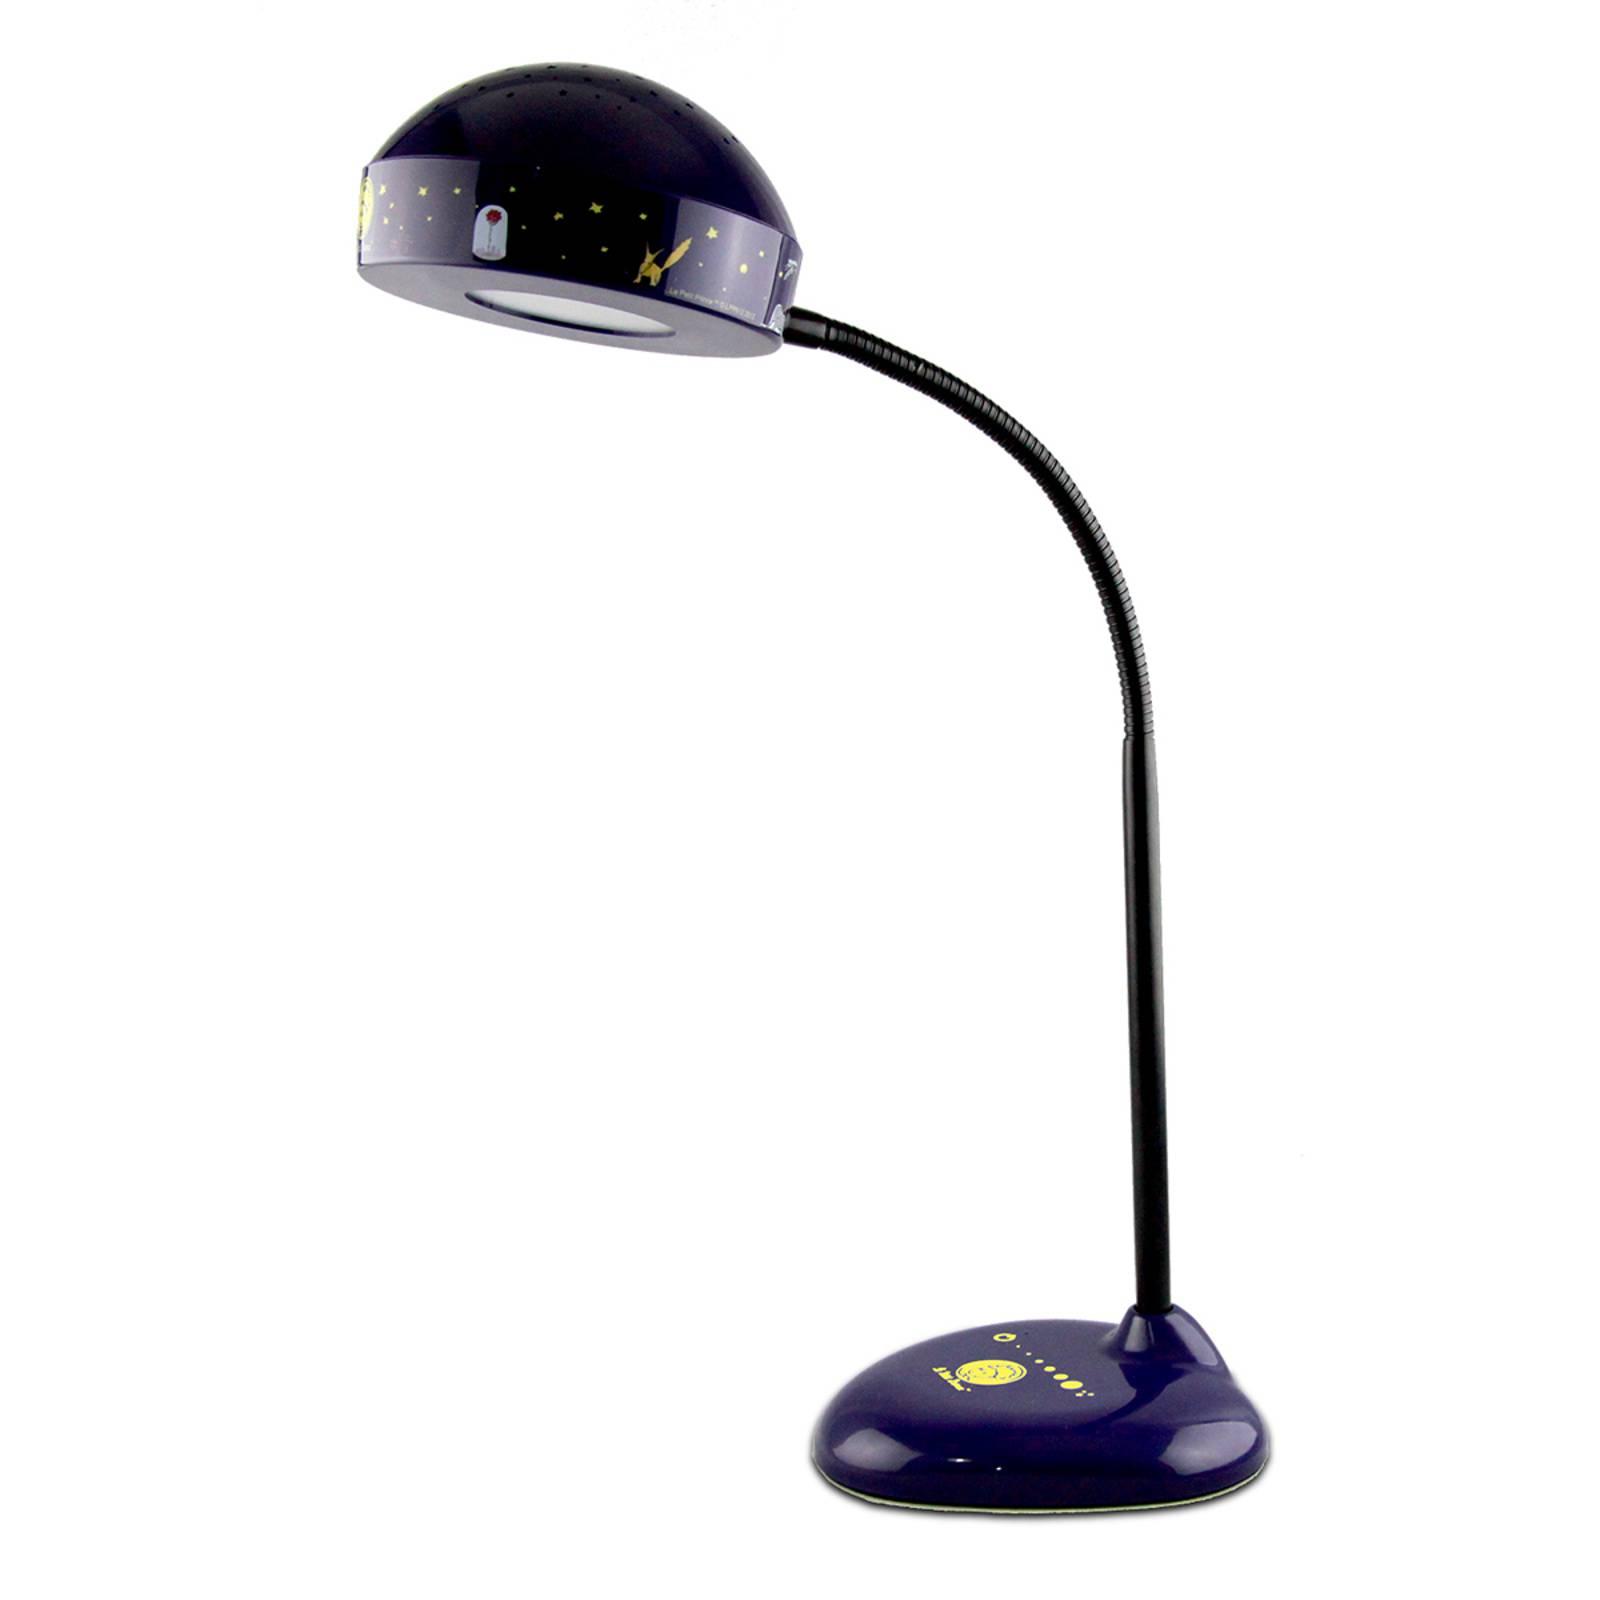 LED-työpöytälamppu Pikku prinssi yövalolla